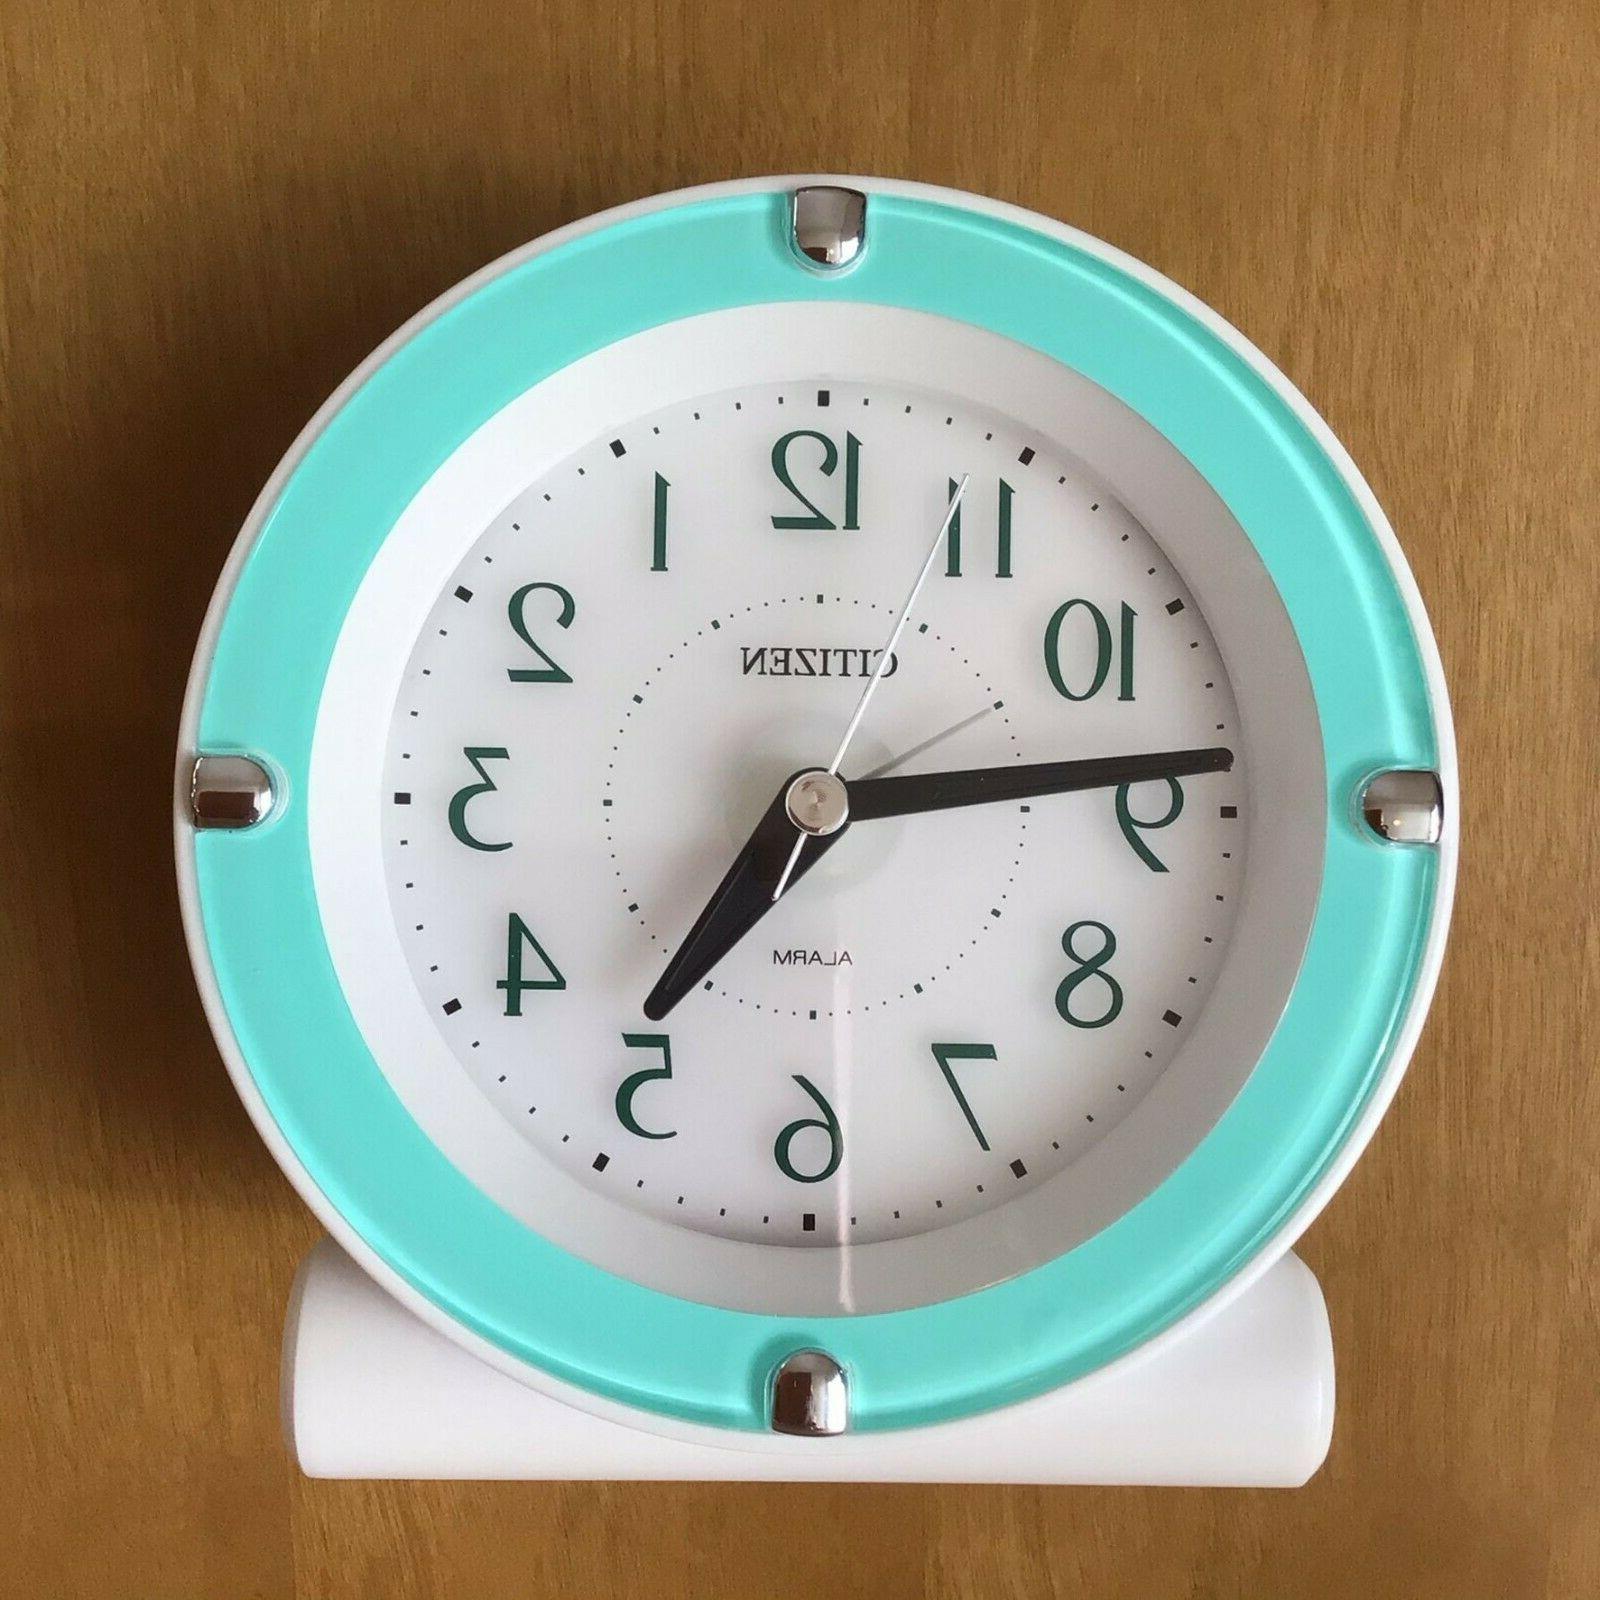 alarm clock 8rea18 mint green japan import